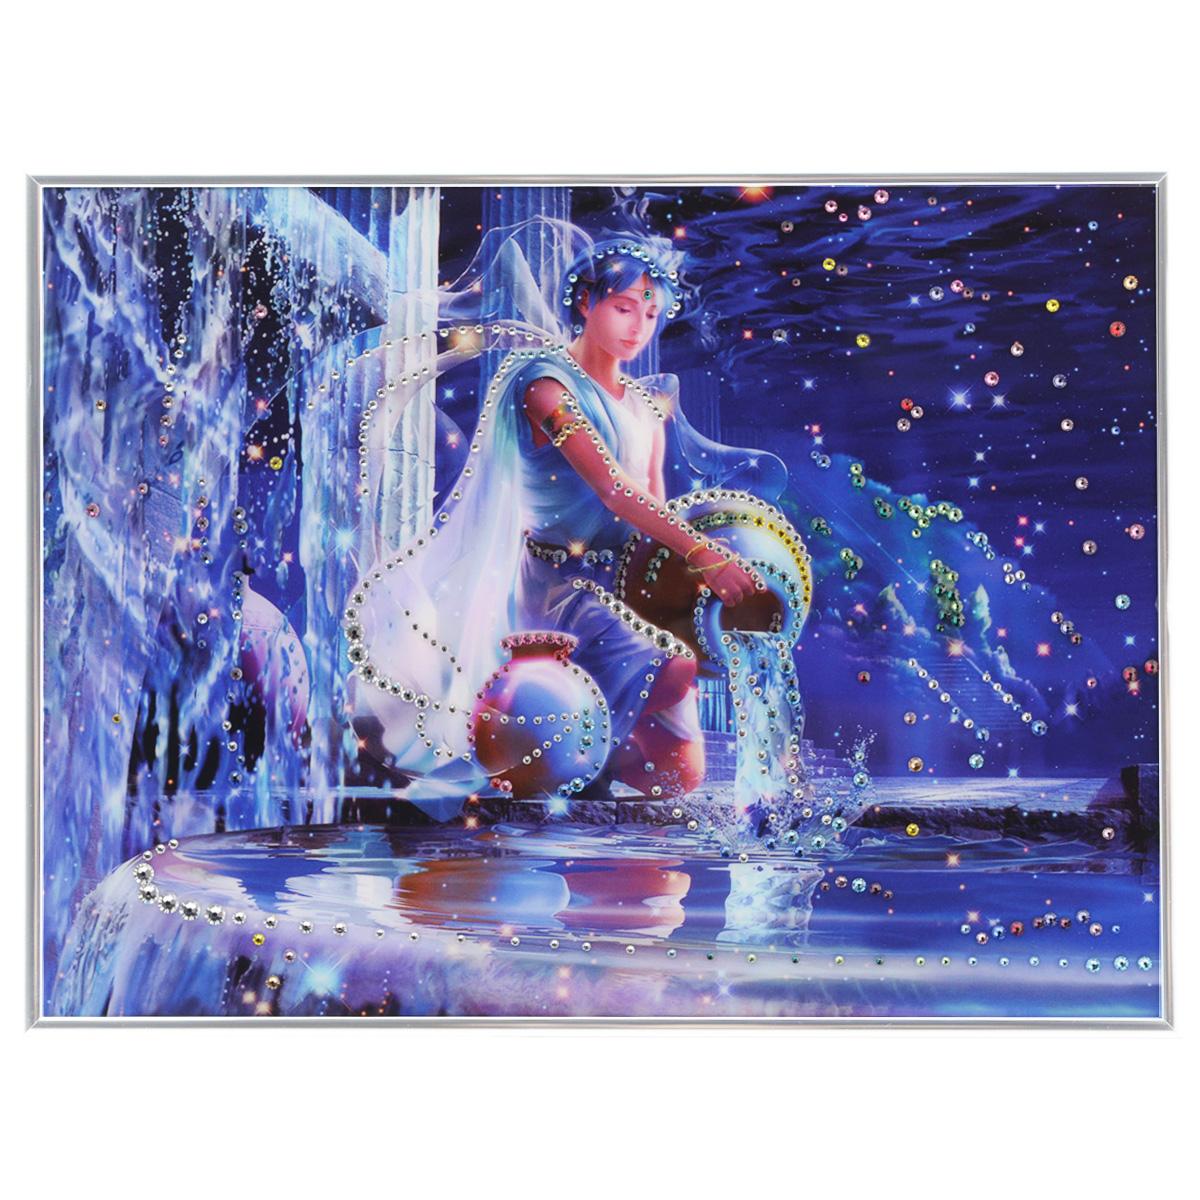 Картина с кристаллами Swarovski Знак зодиака. Водолей Кагая, 40 см х 30 см853098Изящная картина в металлической раме, инкрустирована кристаллами Swarovski, которые отличаются четкой и ровной огранкой, ярким блеском и чистотой цвета. Красочное изображение знака зодиака - водолей Кагая, расположенное под стеклом, прекрасно дополняет блеск кристаллов. С обратной стороны имеется металлическая петелька для размещения картины на стене. Картина с кристаллами Swarovski Знак зодиака. Водолей Кагая элегантно украсит интерьер дома или офиса, а также станет прекрасным подарком, который обязательно понравится получателю. Блеск кристаллов в интерьере, что может быть сказочнее и удивительнее. Картина упакована в подарочную картонную коробку синего цвета и комплектуется сертификатом соответствия Swarovski.